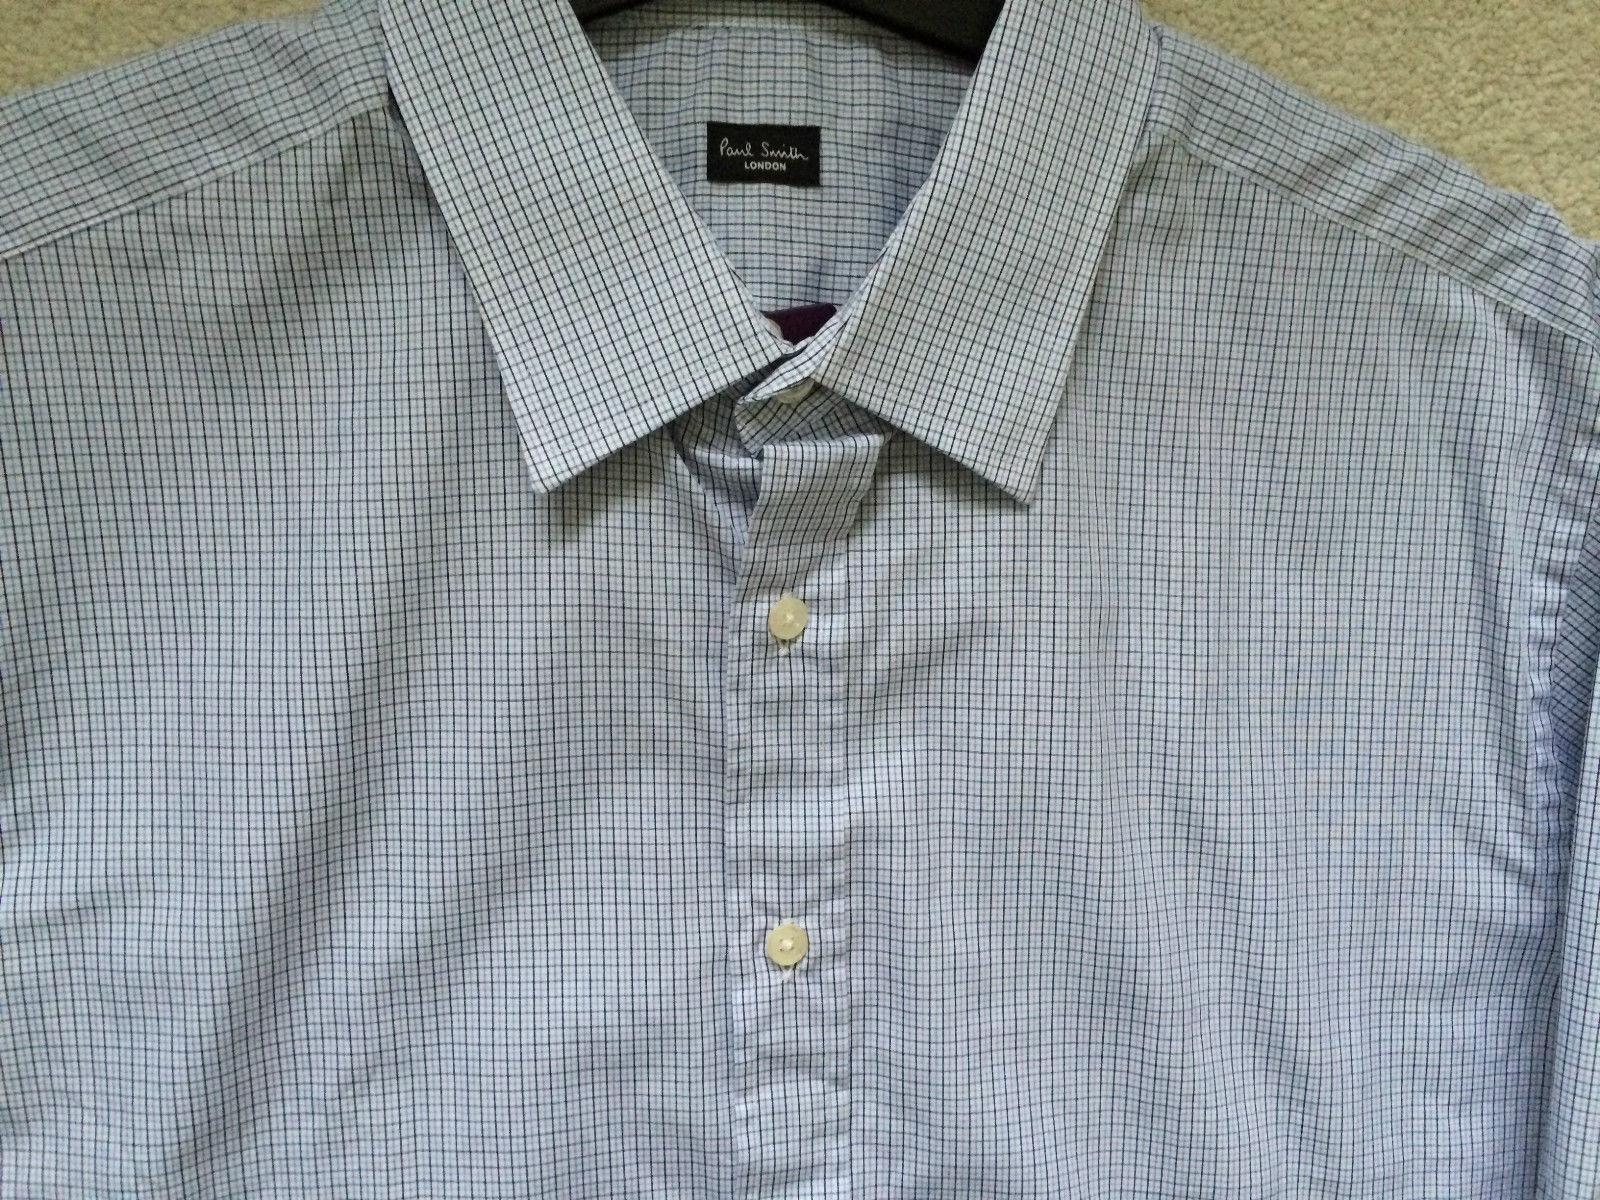 Paul Smith London LS Camicia a quadri taglio classico 17 43 - P2P 57.1Cm